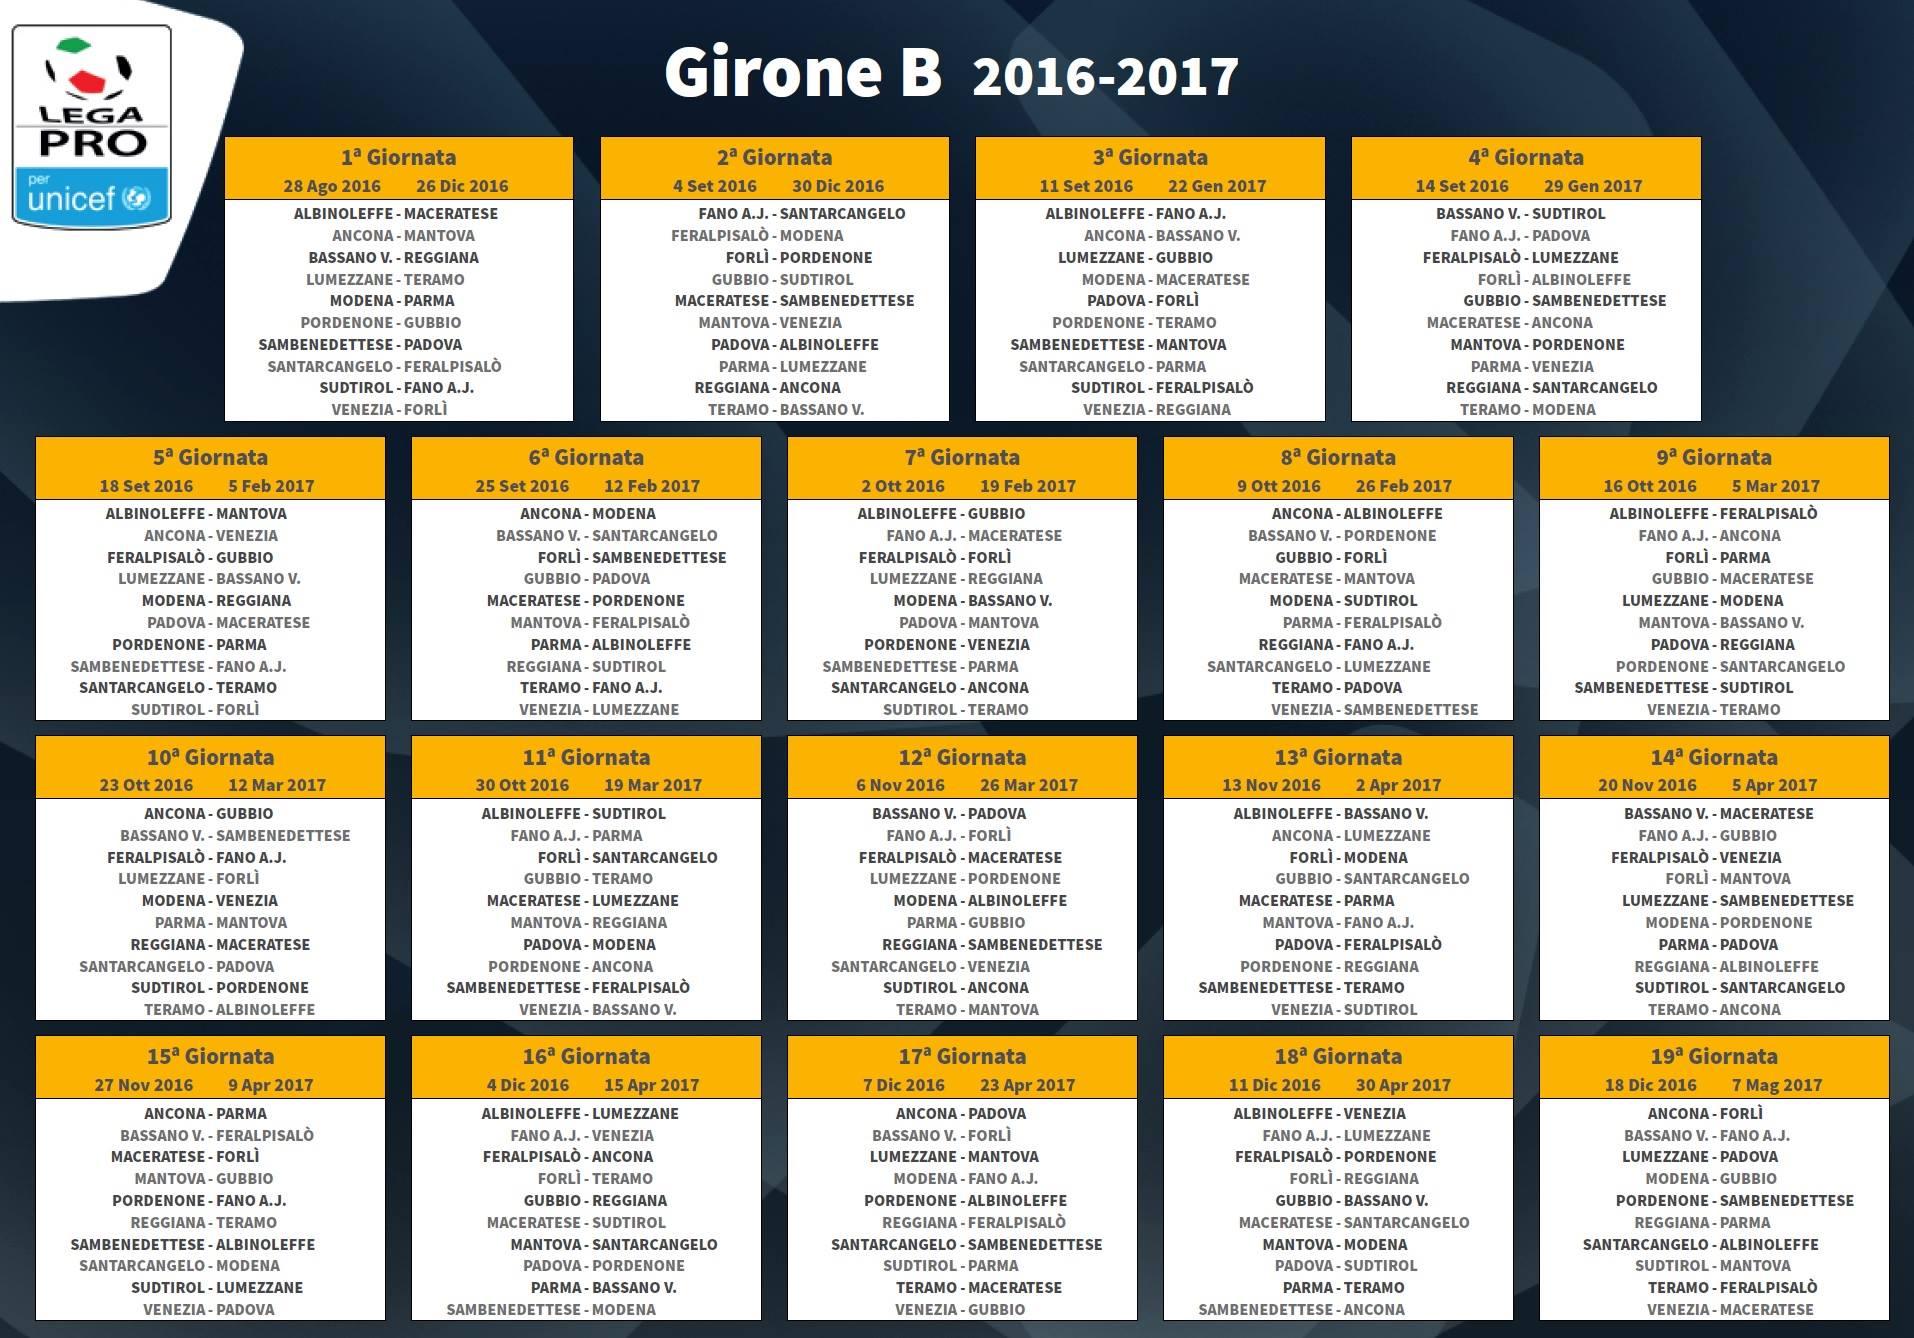 Calendario Lega Pro Girone B Orari.Calendari Lega Pro La Diretta Esordio A San Benedetto Del